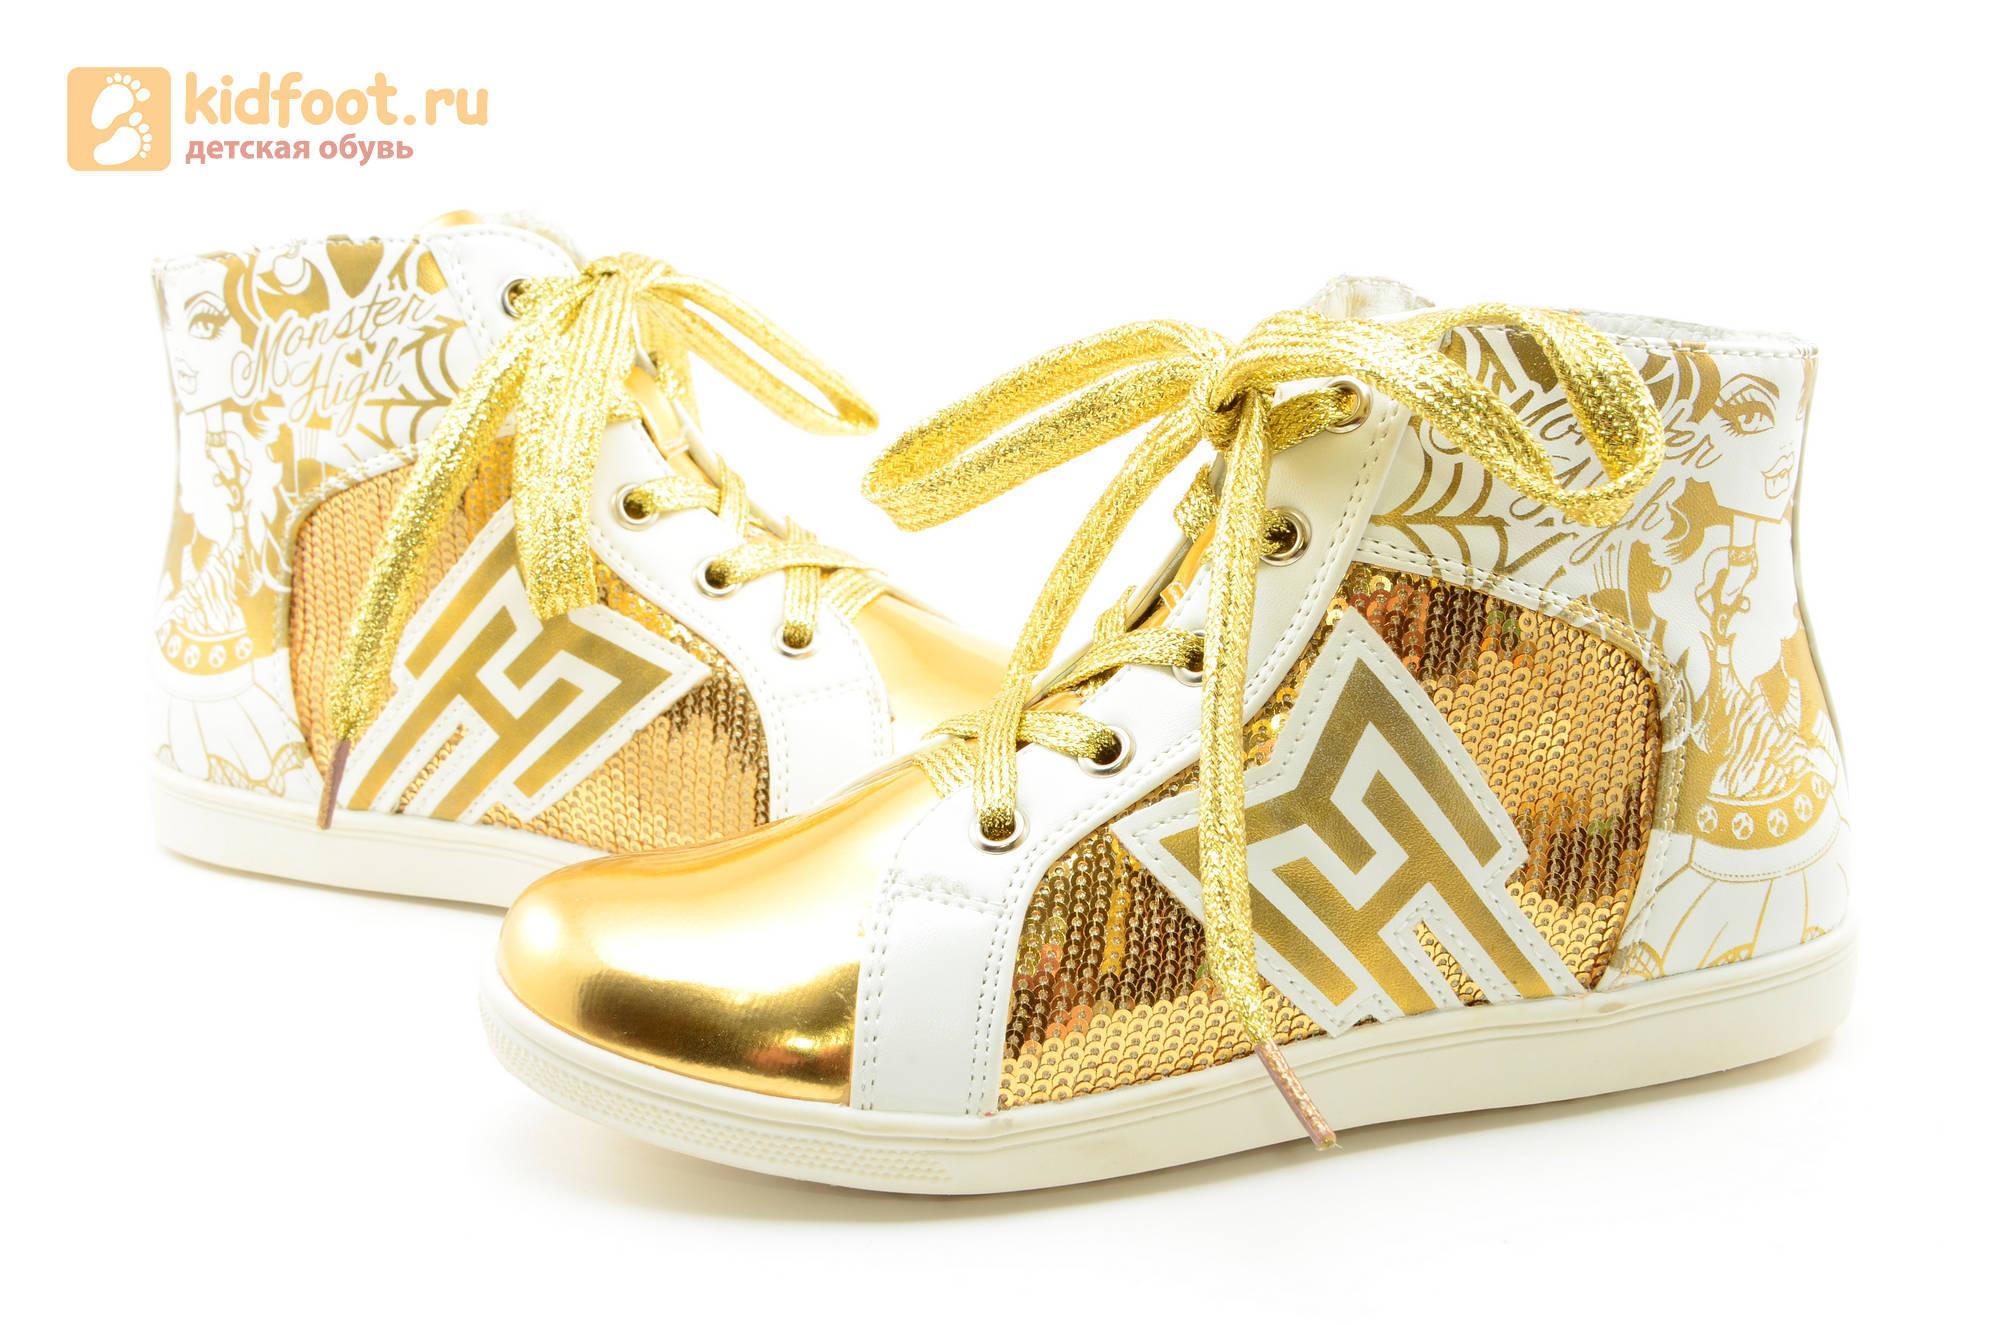 Кеды Монстер Хай (Monster High) на молнии и шнурках для девочек, цвет золотой белый